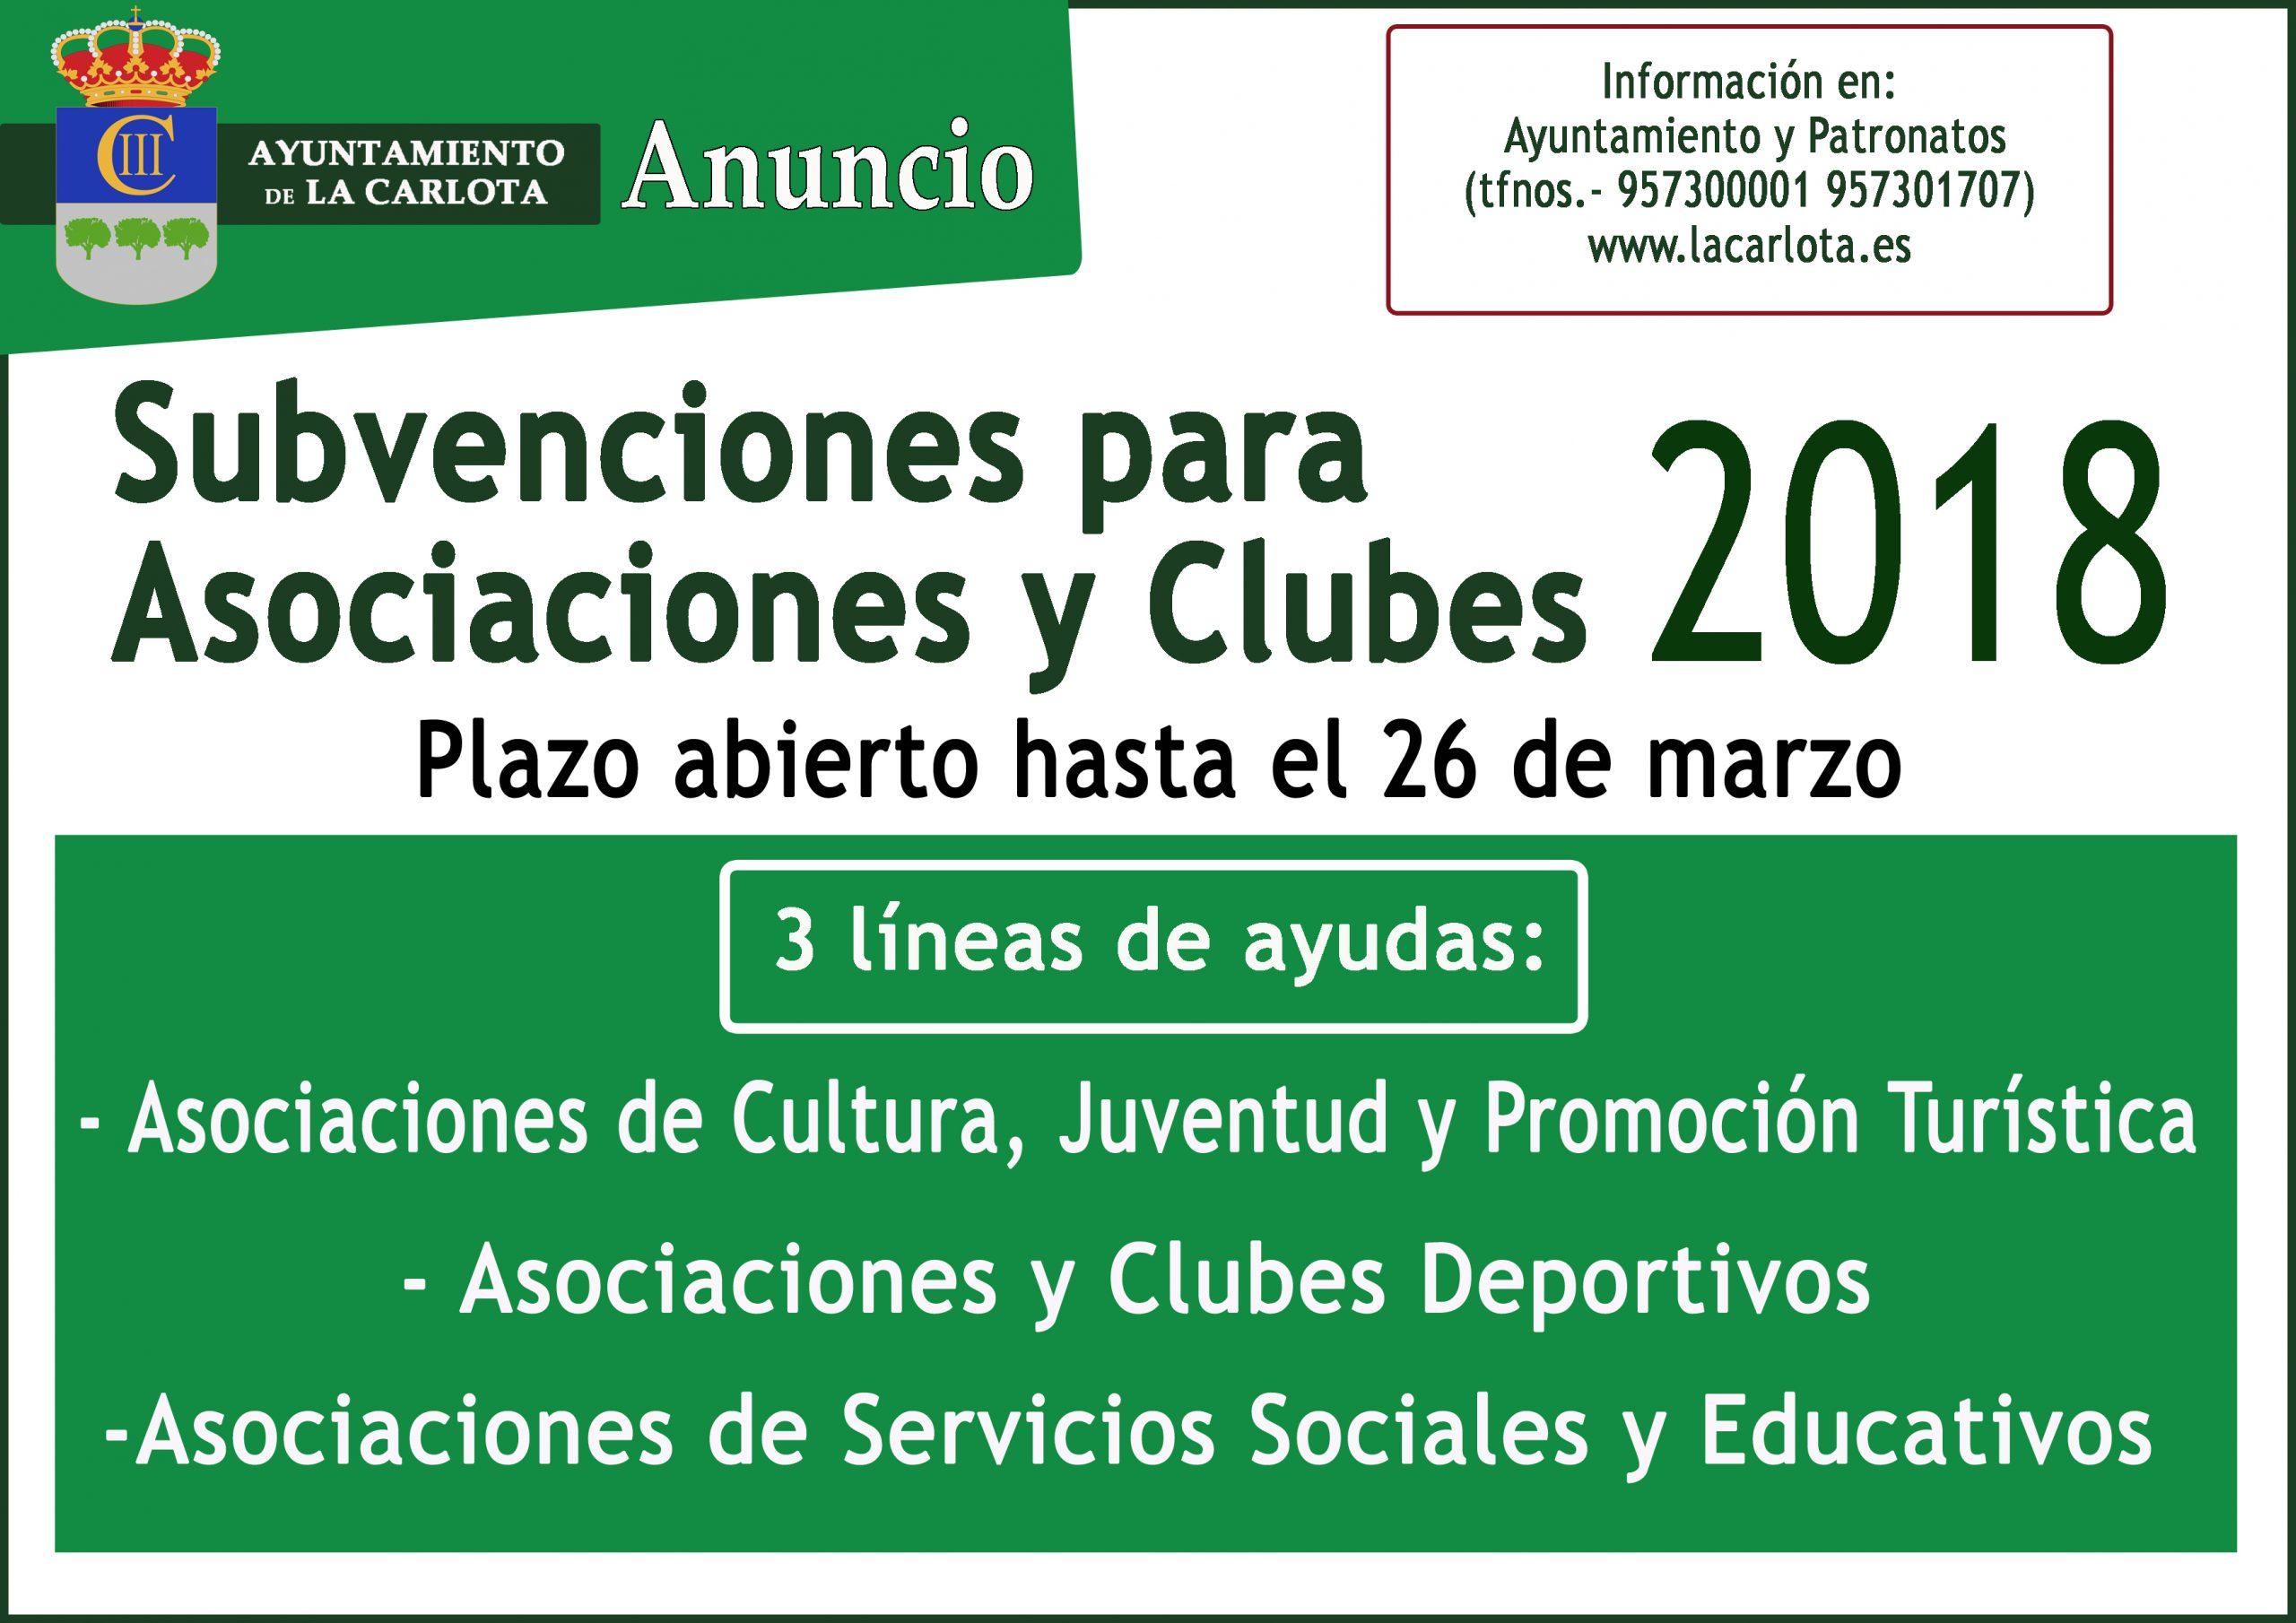 Convocatoria subvenciones a asociaciones y clubes de La Carlota 2018 1